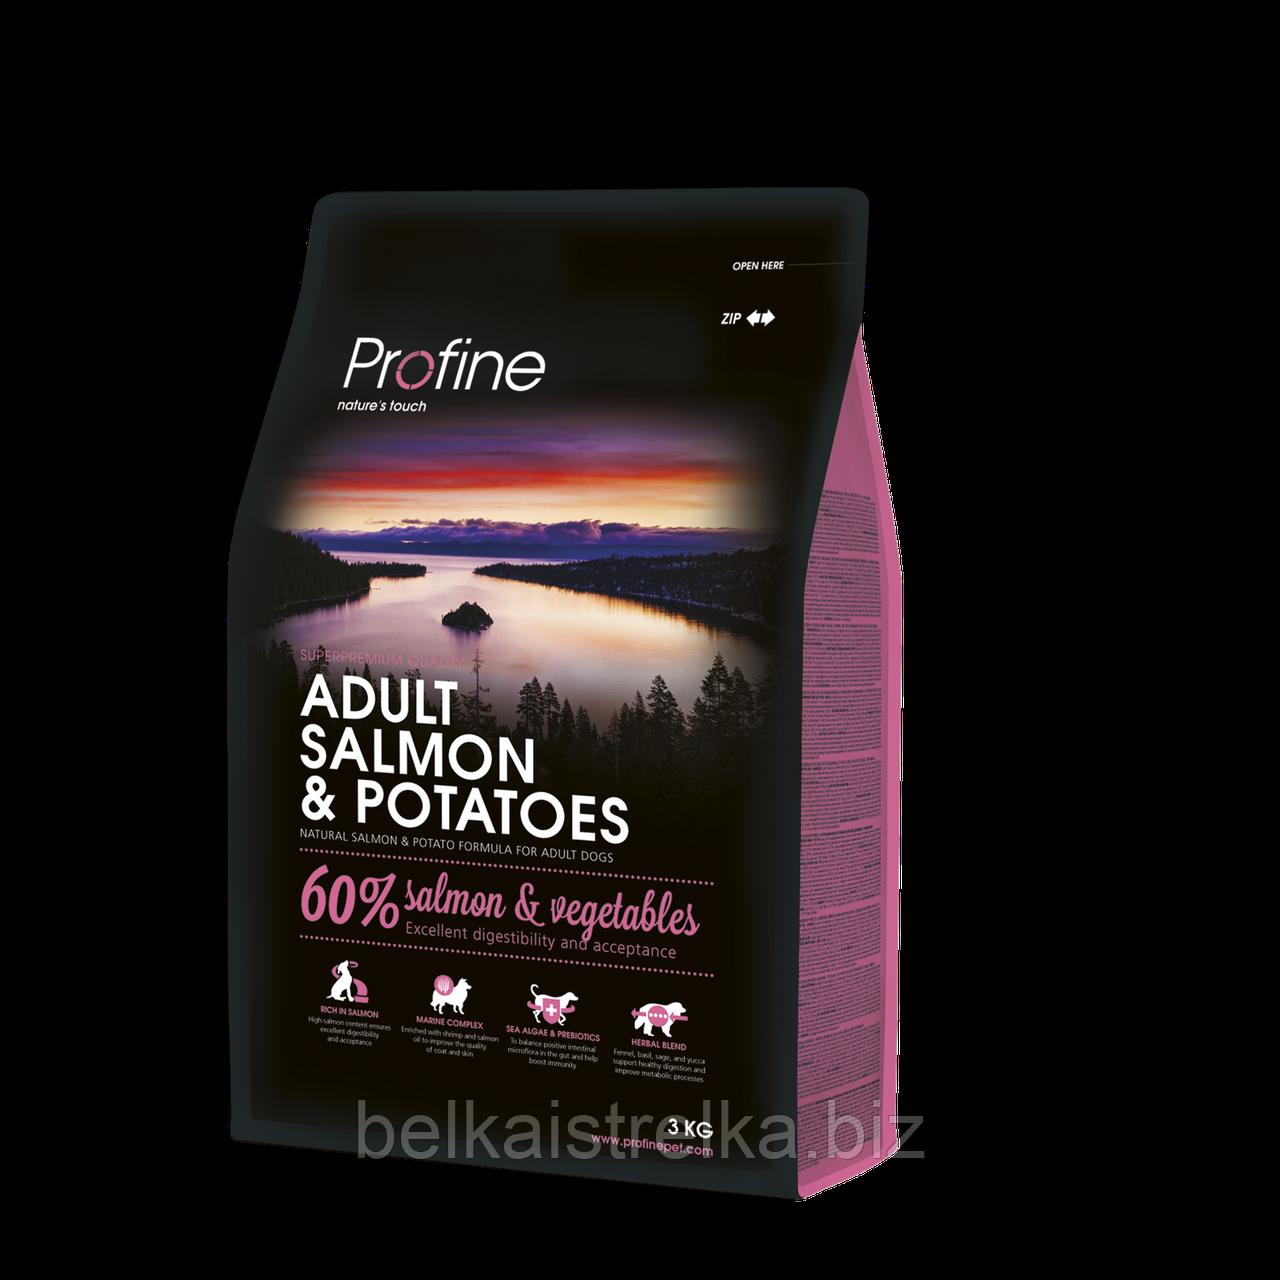 Корм Profine Adult Salmon, для взрослых собак, гипоаллергенный, лосось, 3 кг 170554